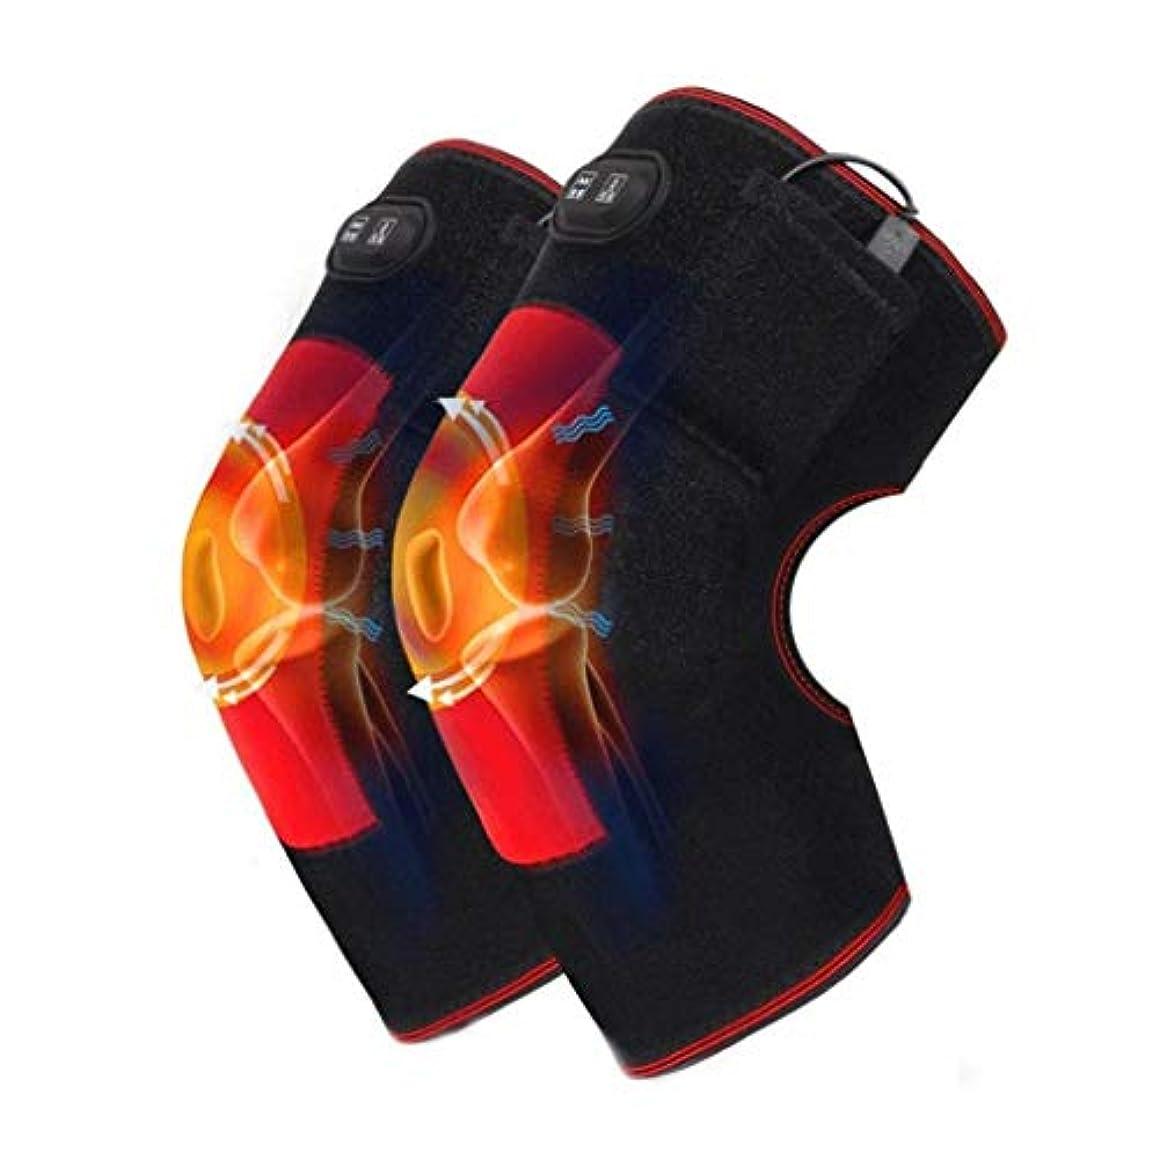 引き金ライフルパネル膝圧迫スリーブ、膝巻き式温熱パッド、関節炎、慢性関節痛、腱炎、膝脱臼、涙靭帯を効果的に緩和できる